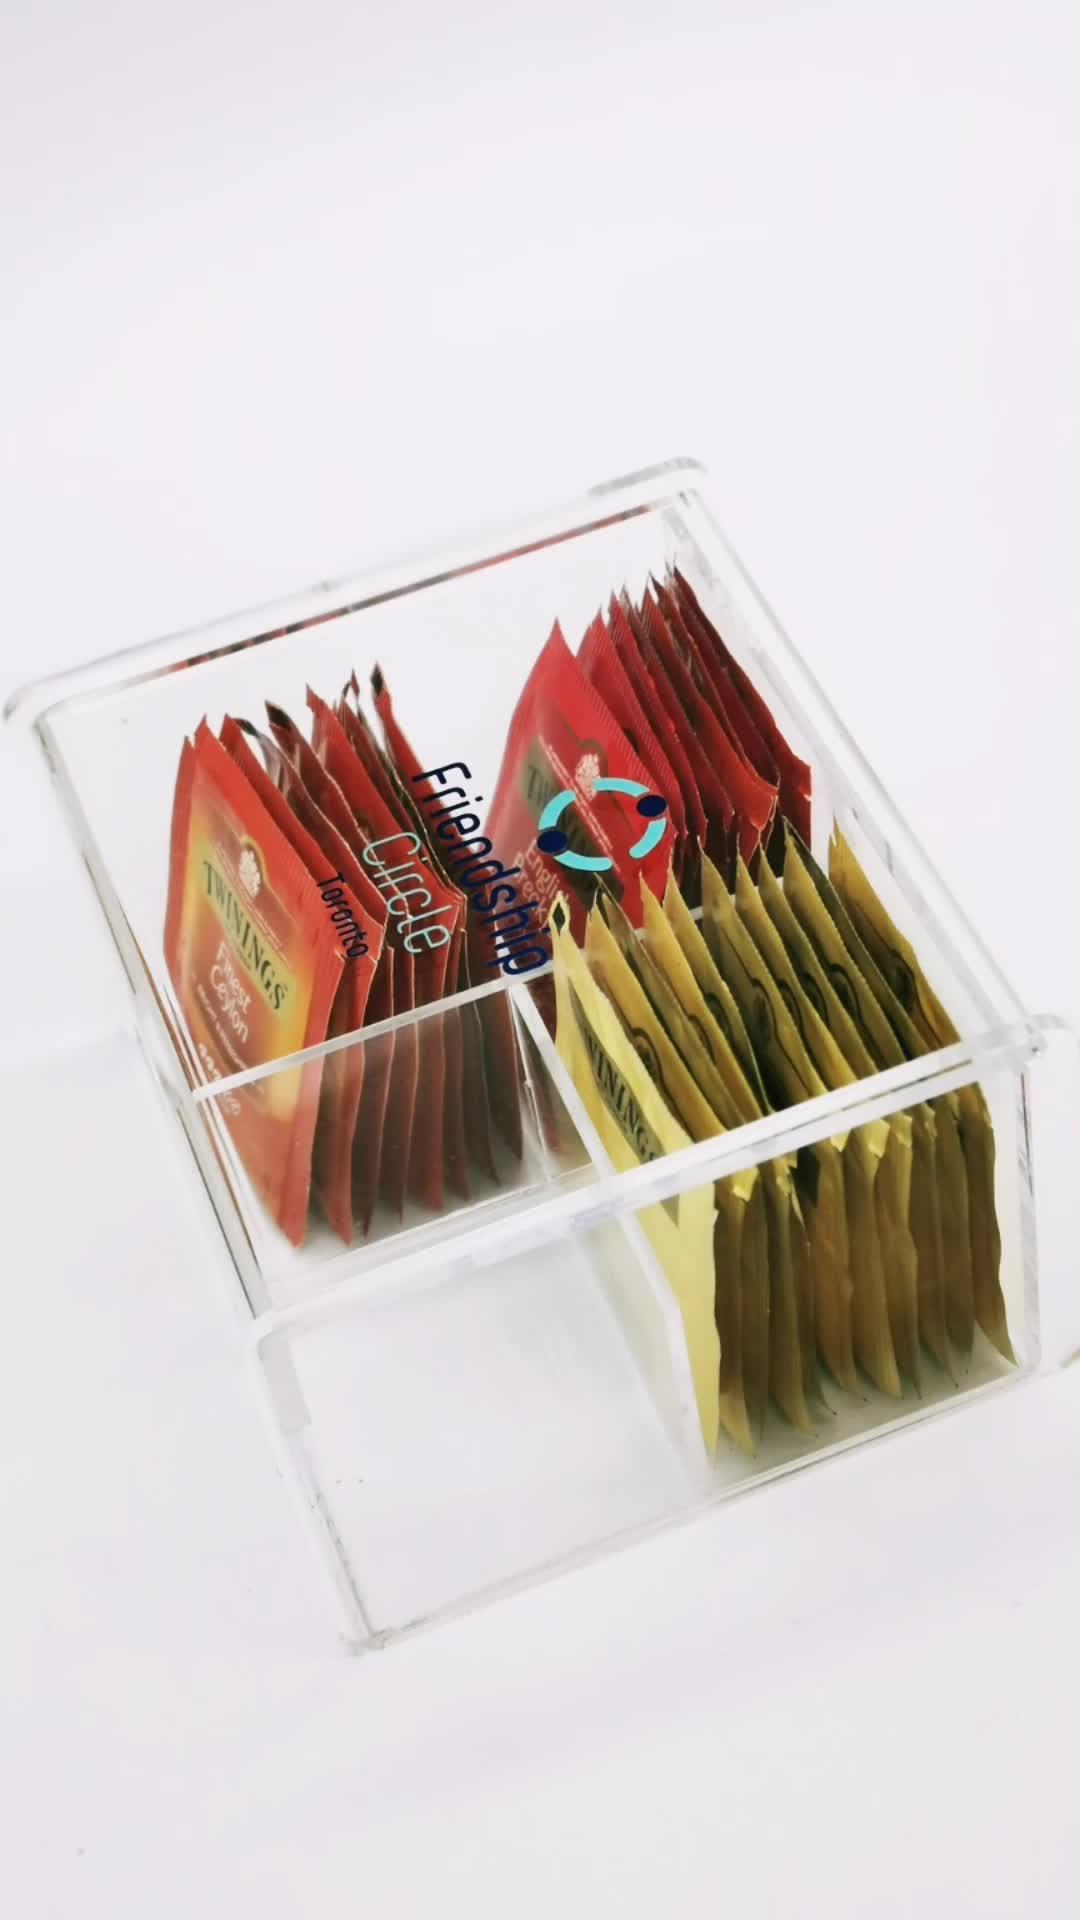 2021 nouveau design personnalisé clair acrylique porte-capsule de café boîte pour amazon